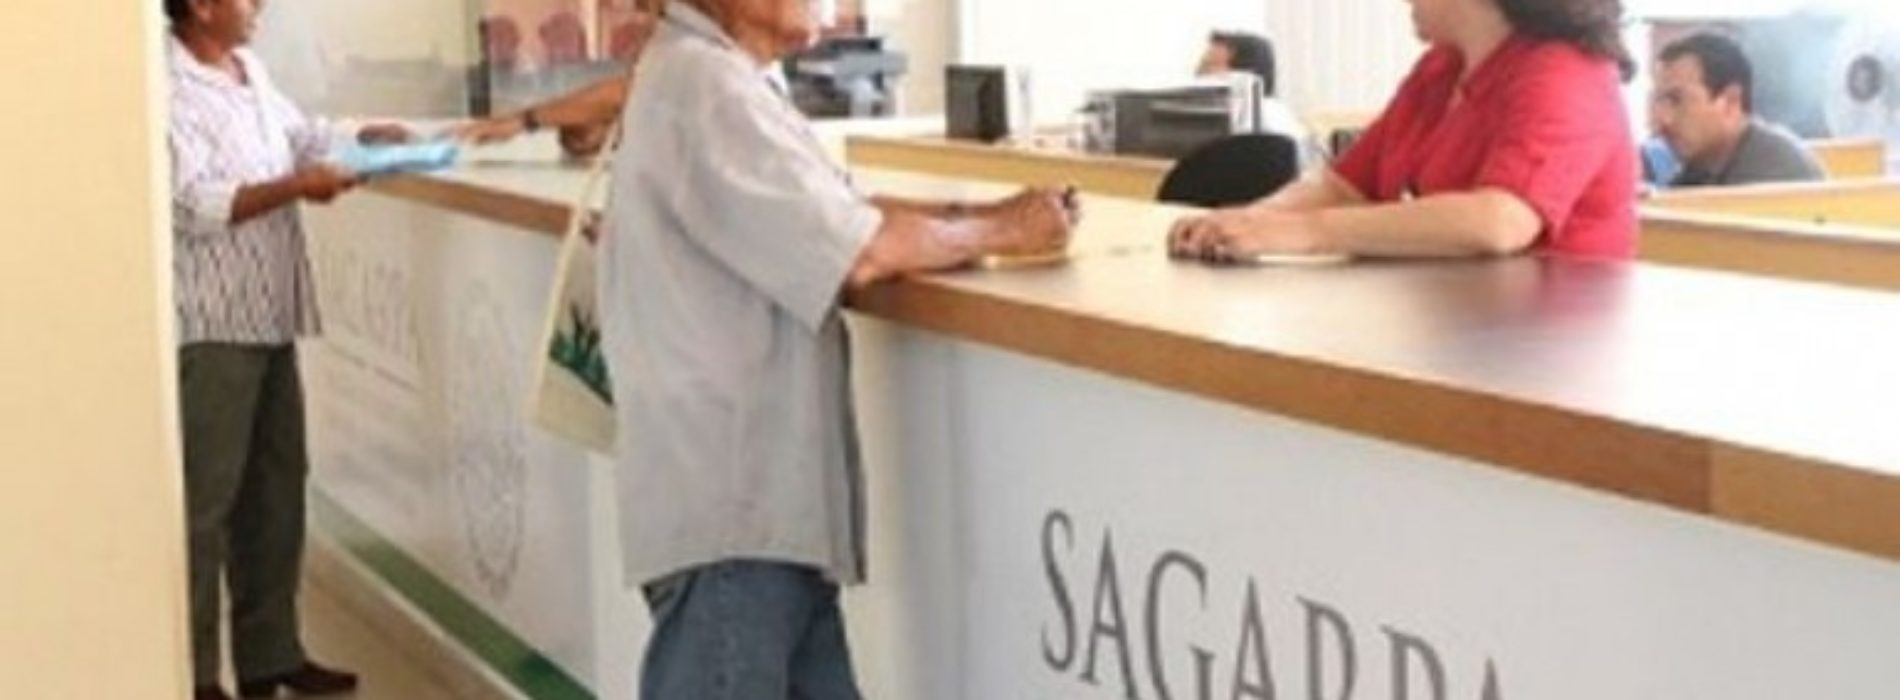 Este lunes 31 de julio SAGARPA Oaxaca abre ventanilla de Reincorporación al PROAGRO Productivo.